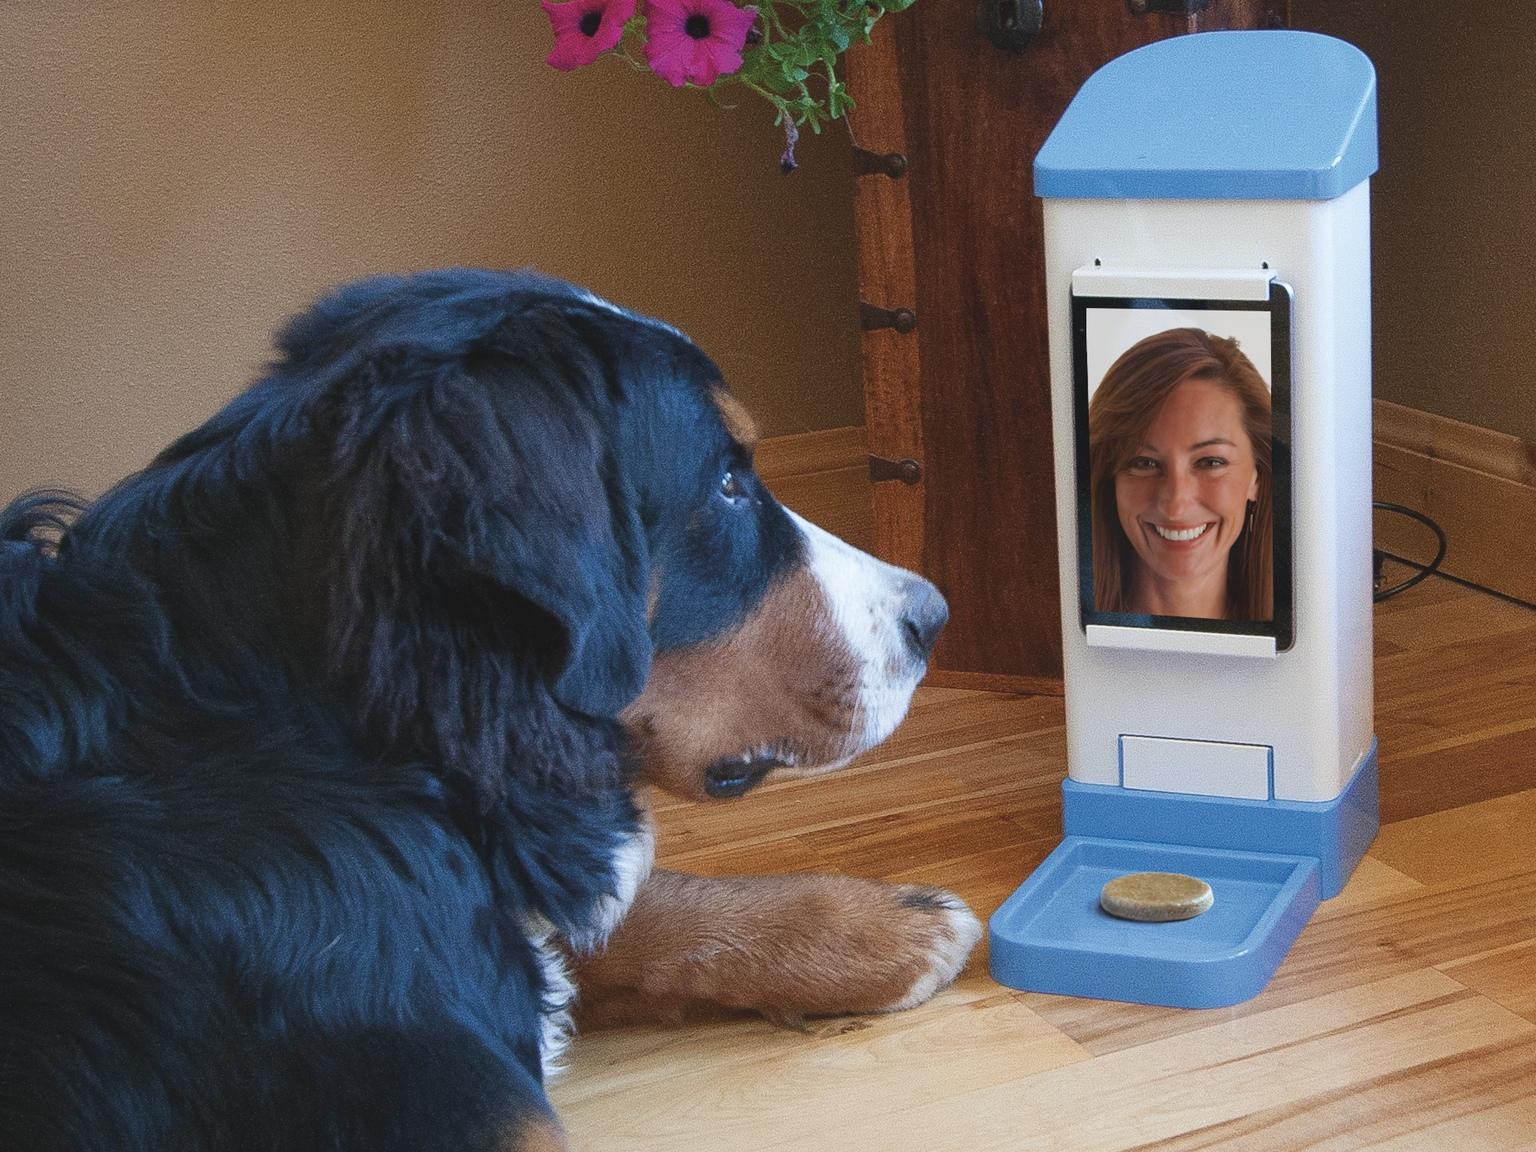 Una niña de 15 años inventa un sistema para 'chatear' con nuestras mascotas